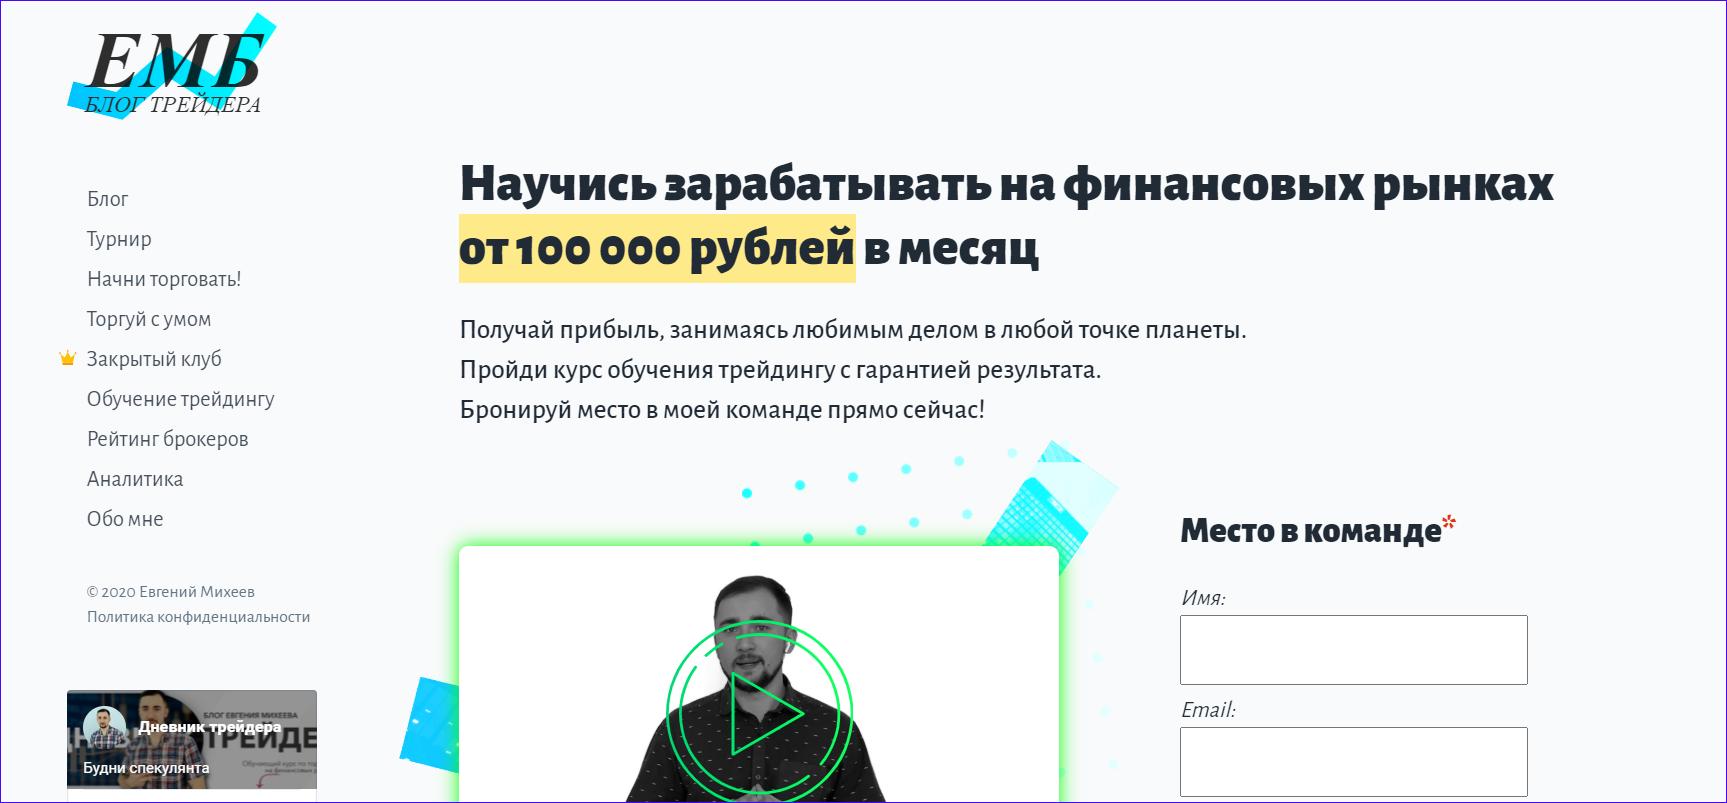 100 000 рублей так выделены в тексте, что сложно устоять